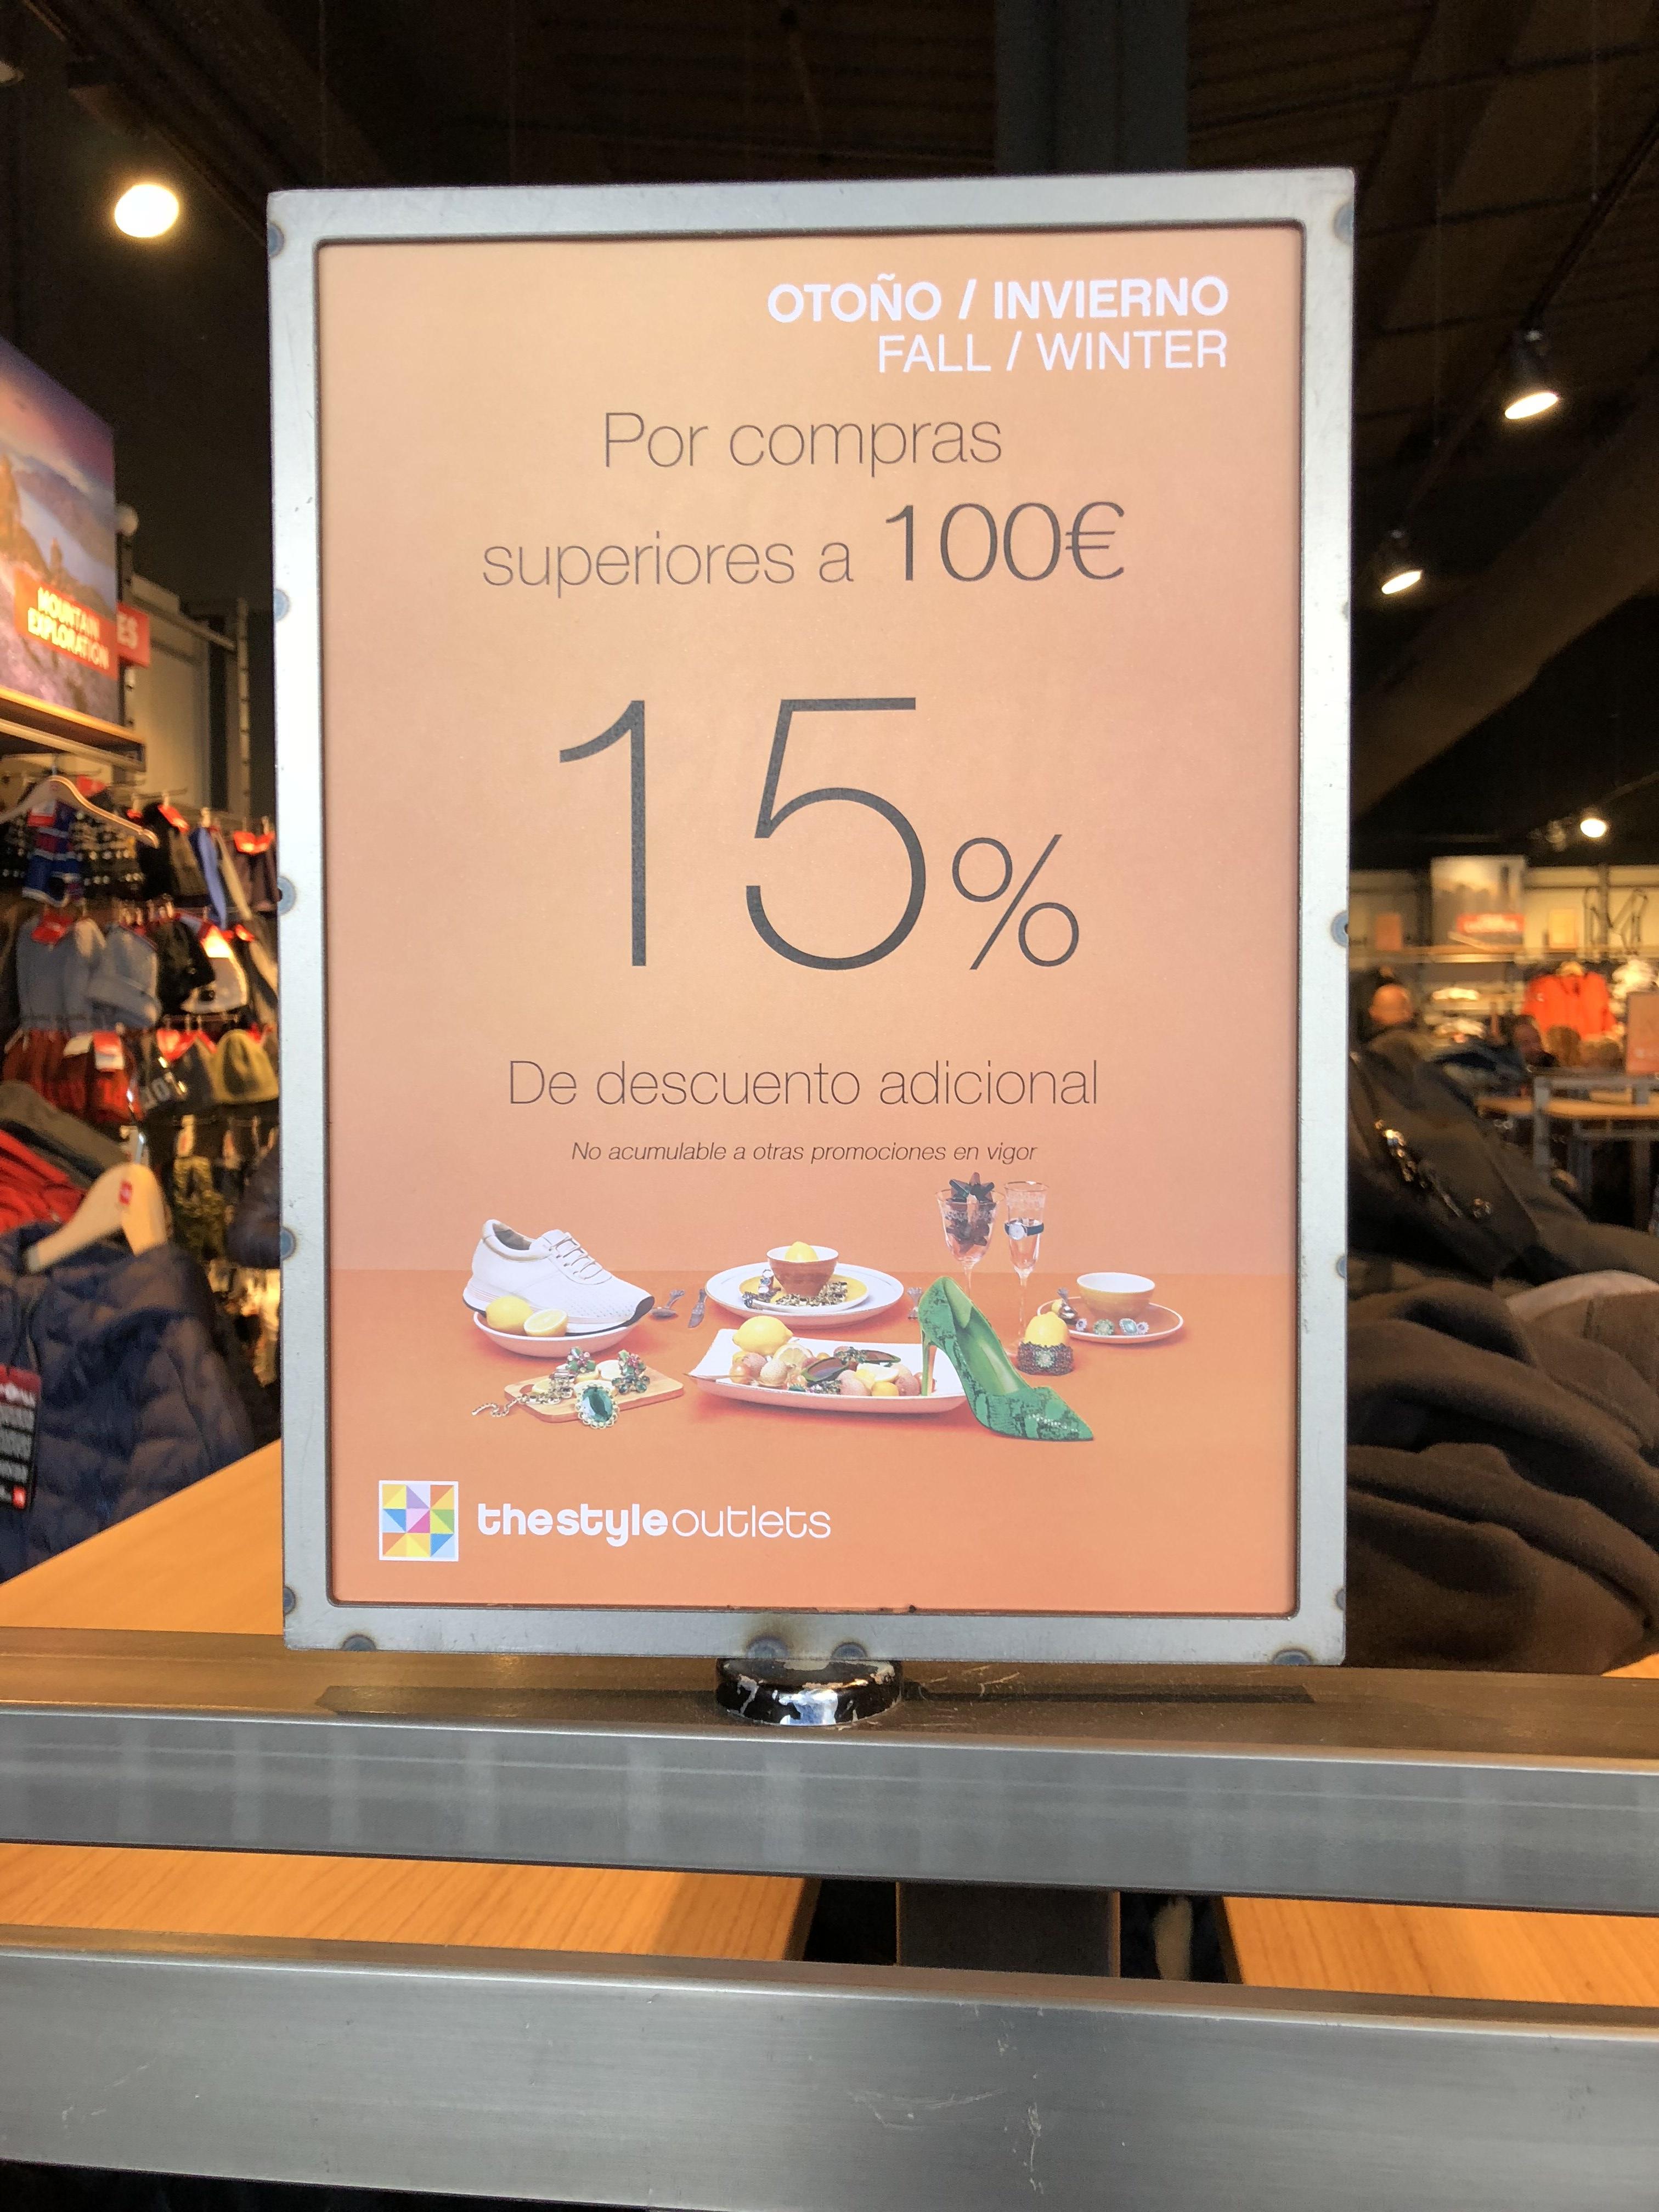 The North Face Style Outlet 15% por + 100€ de compra